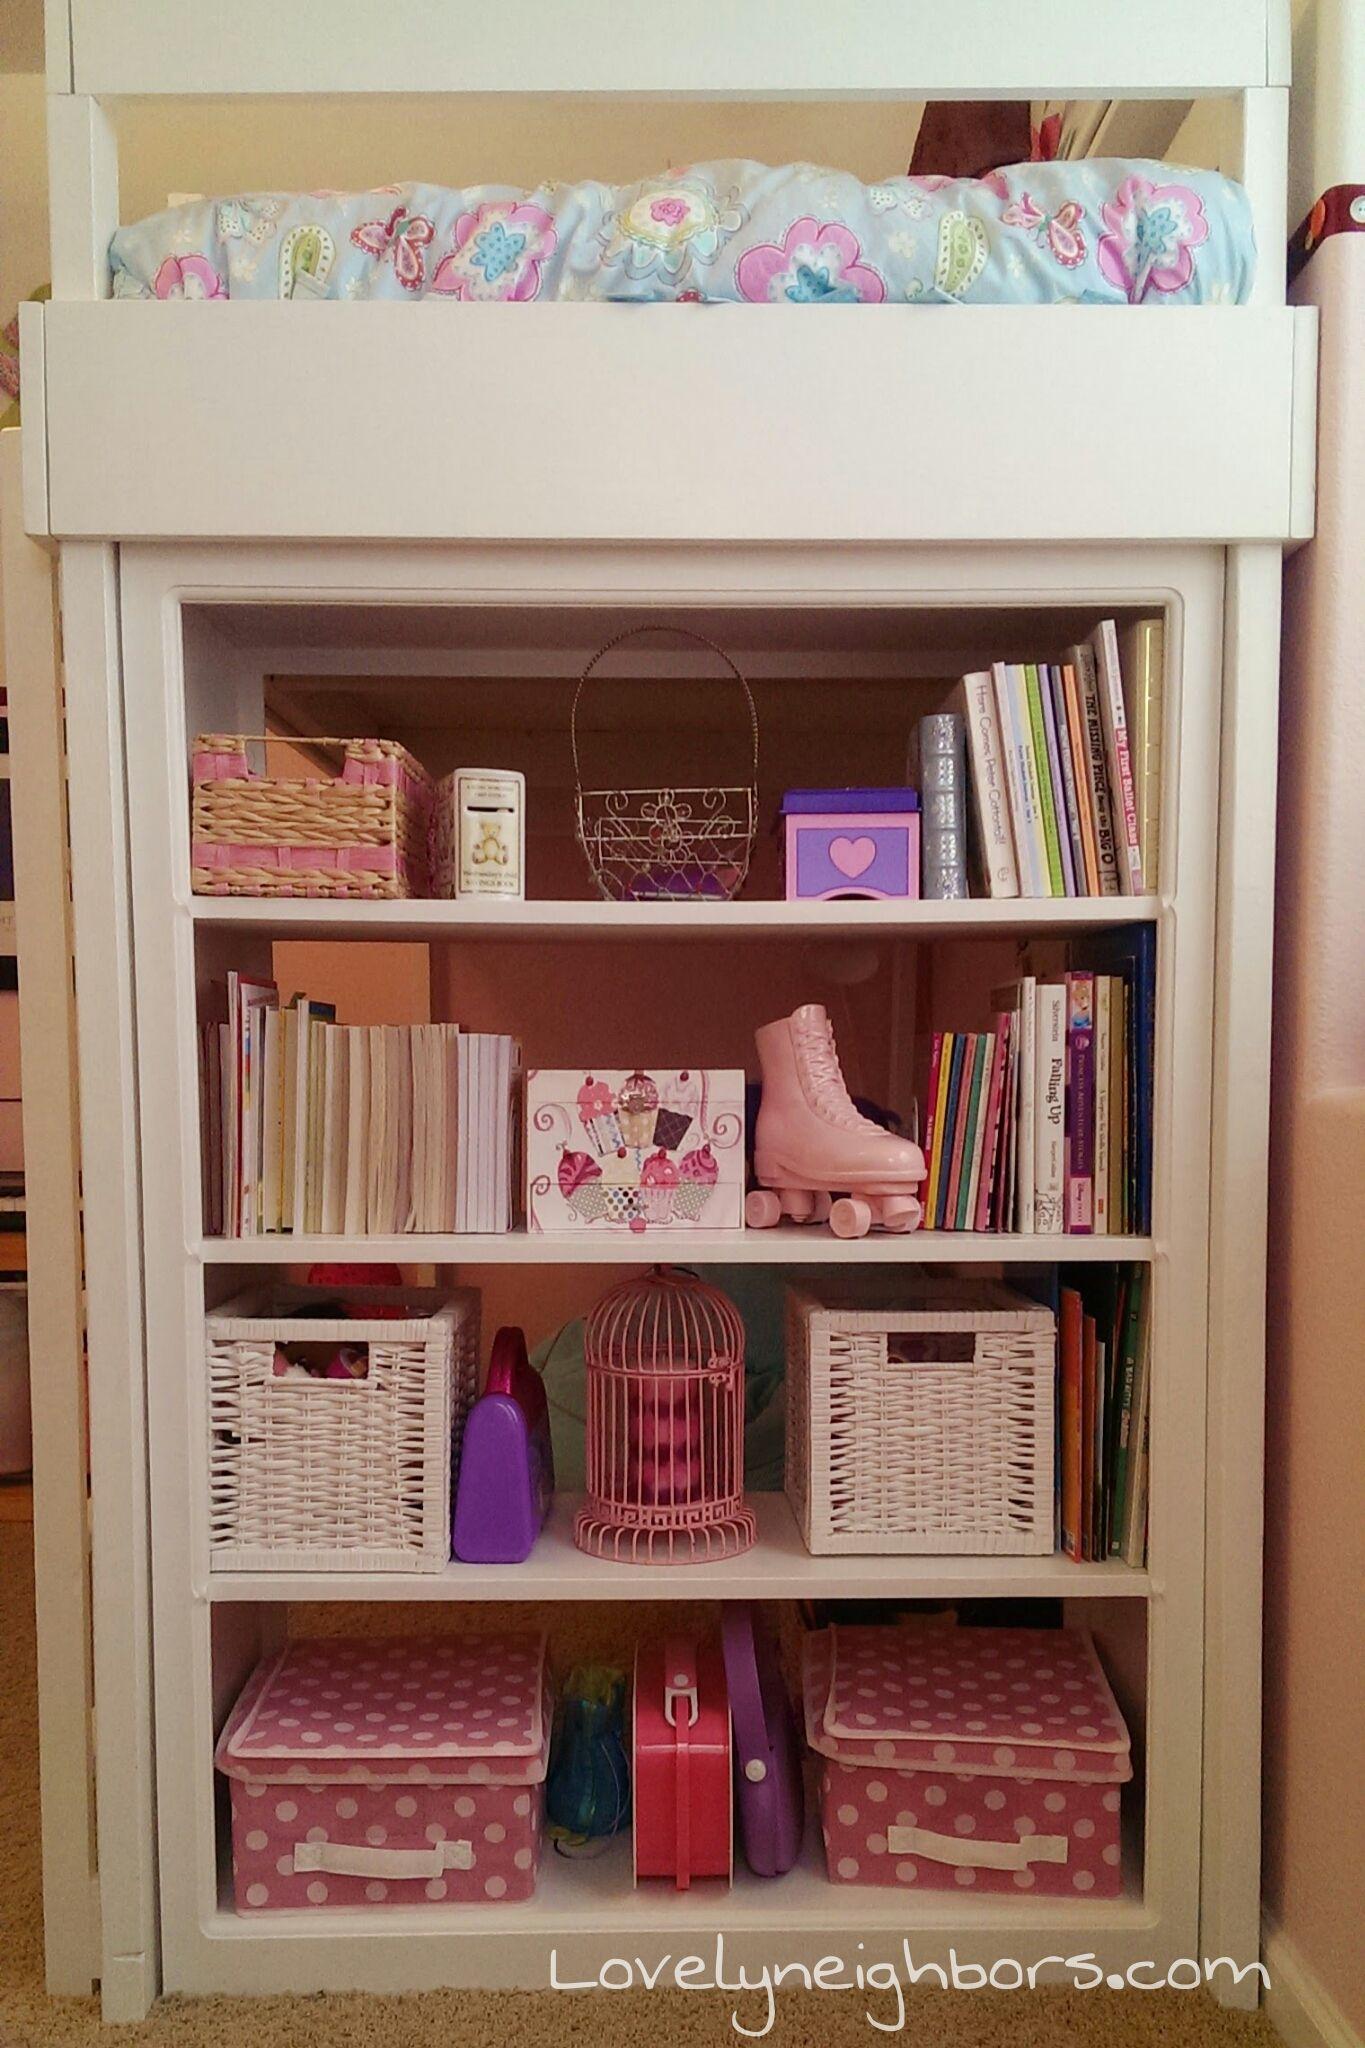 Loft bed ideas for girls  Loft Bed Bookshelf Display  LovelyNeighbors  Kids room idea